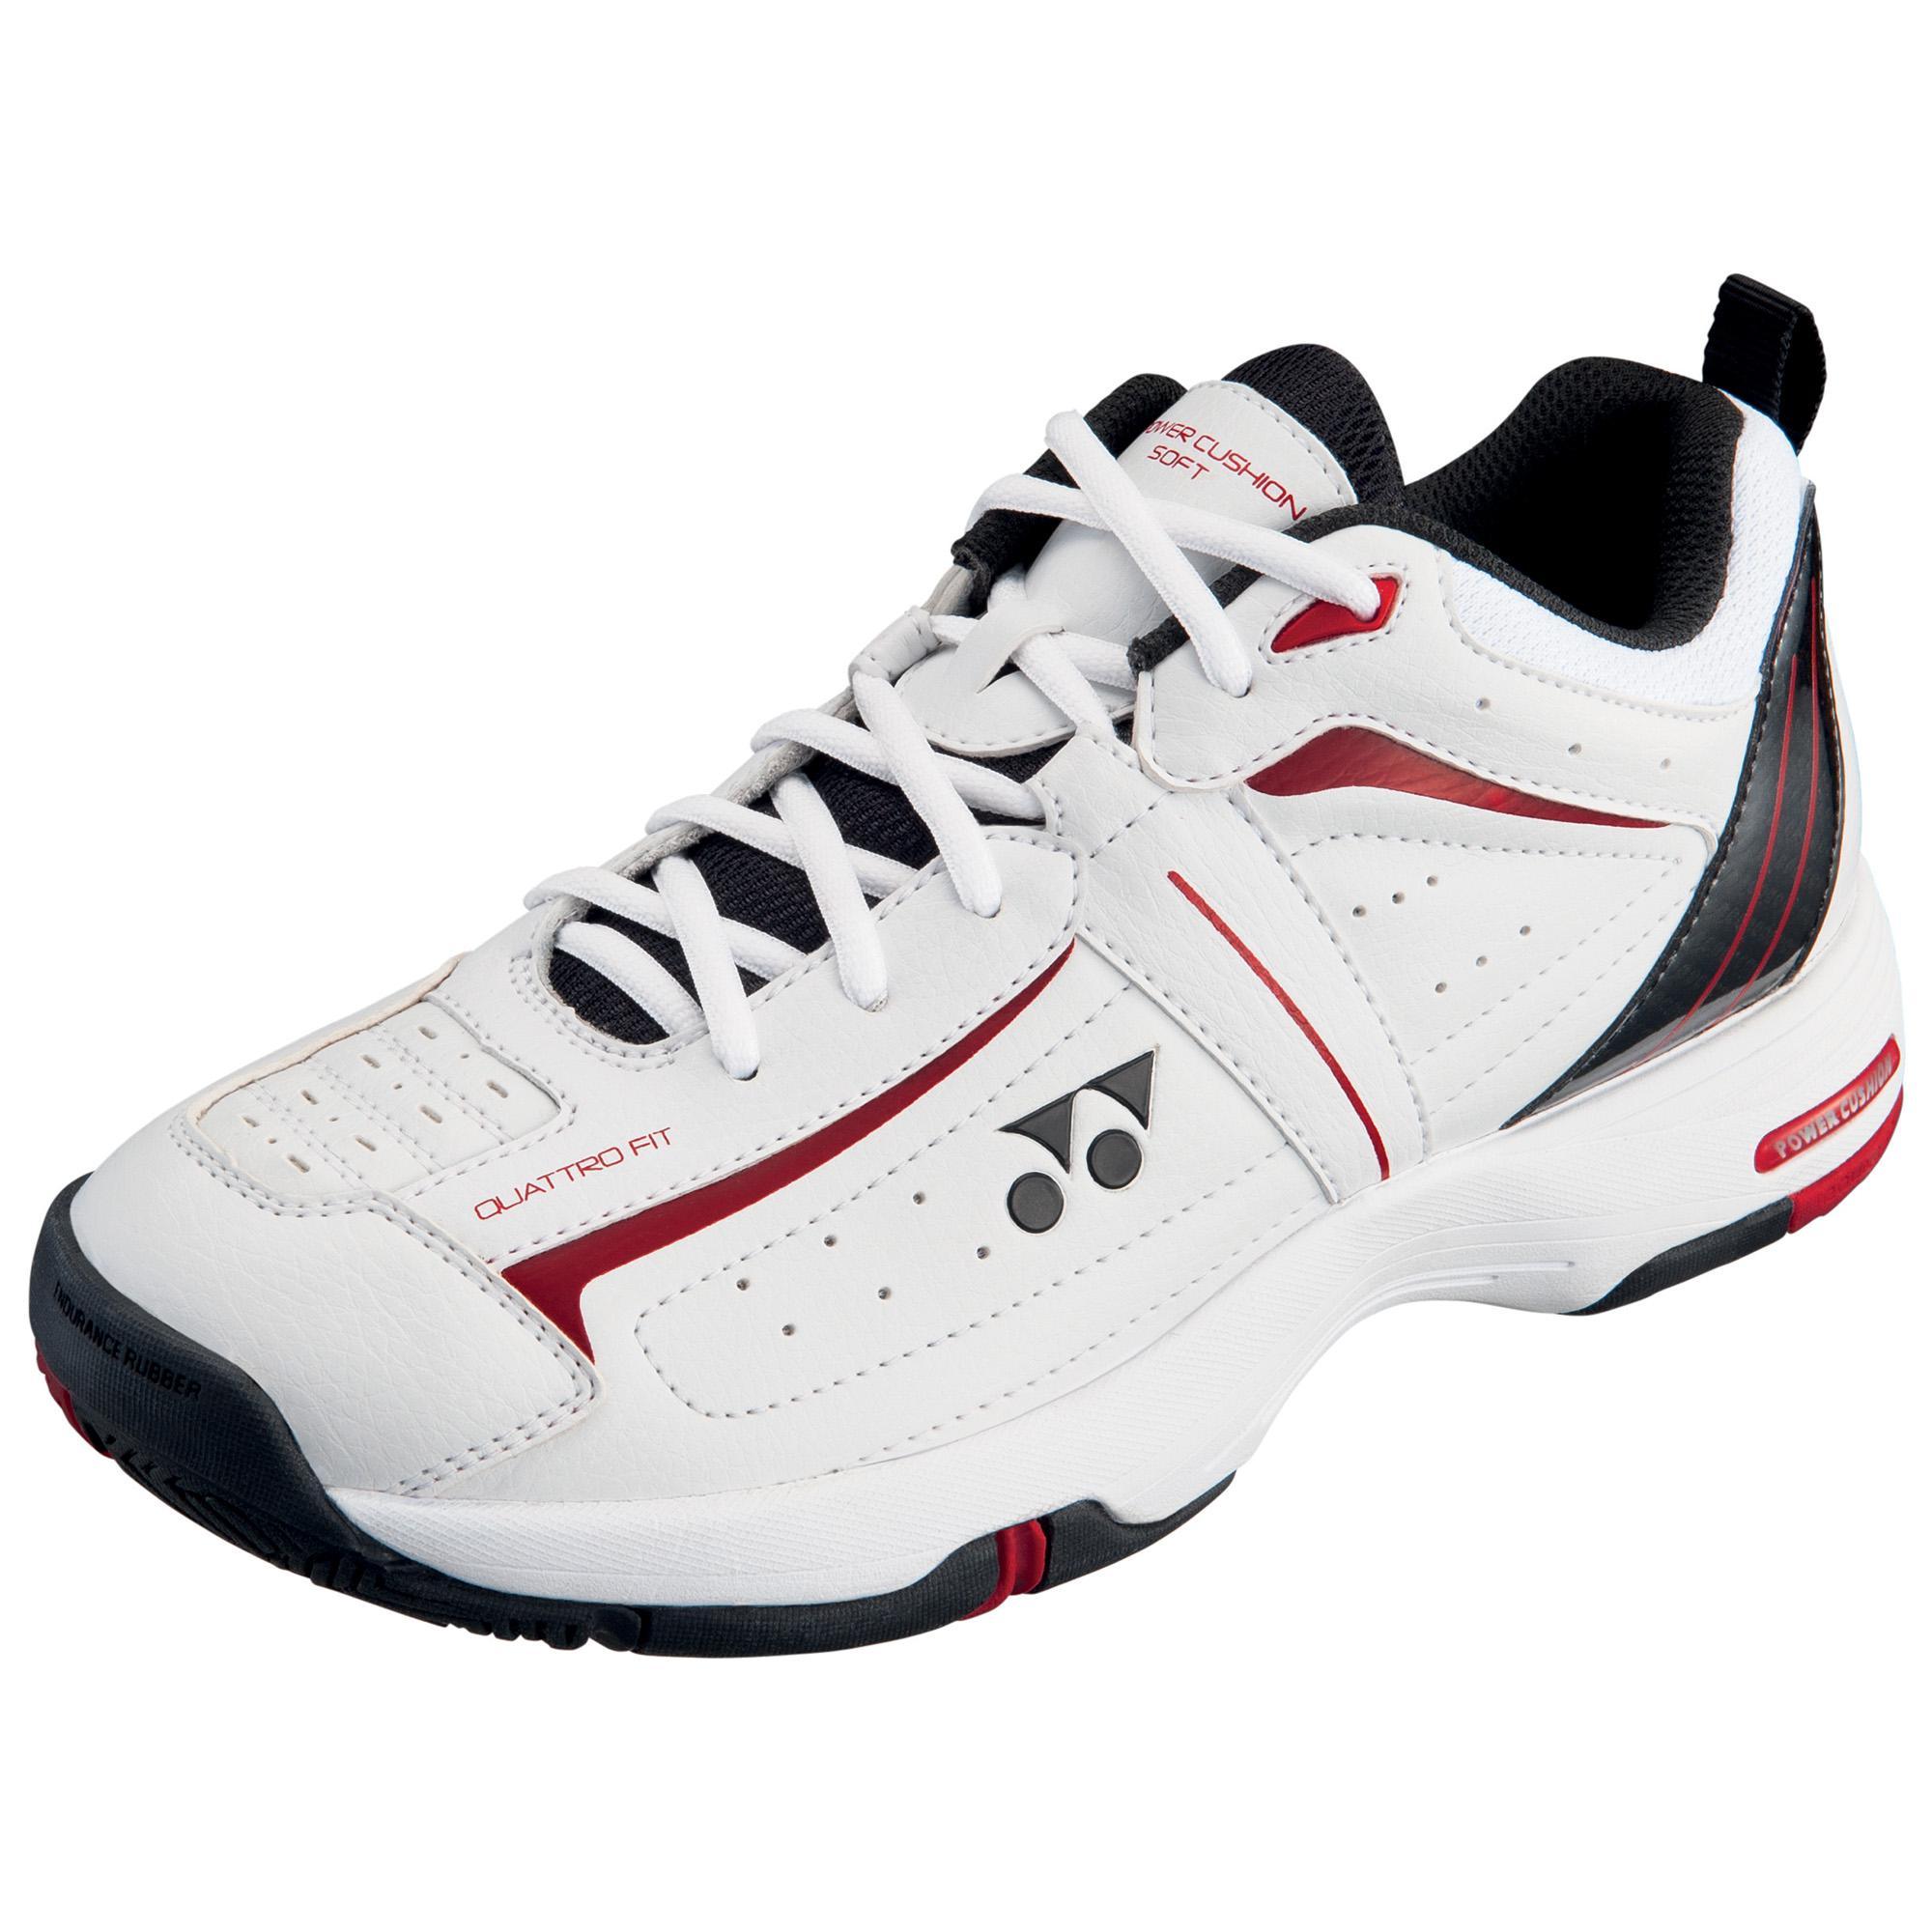 Yonex Mens SHT-SOFT Tennis Shoes - White/Black - Tennisnuts.com